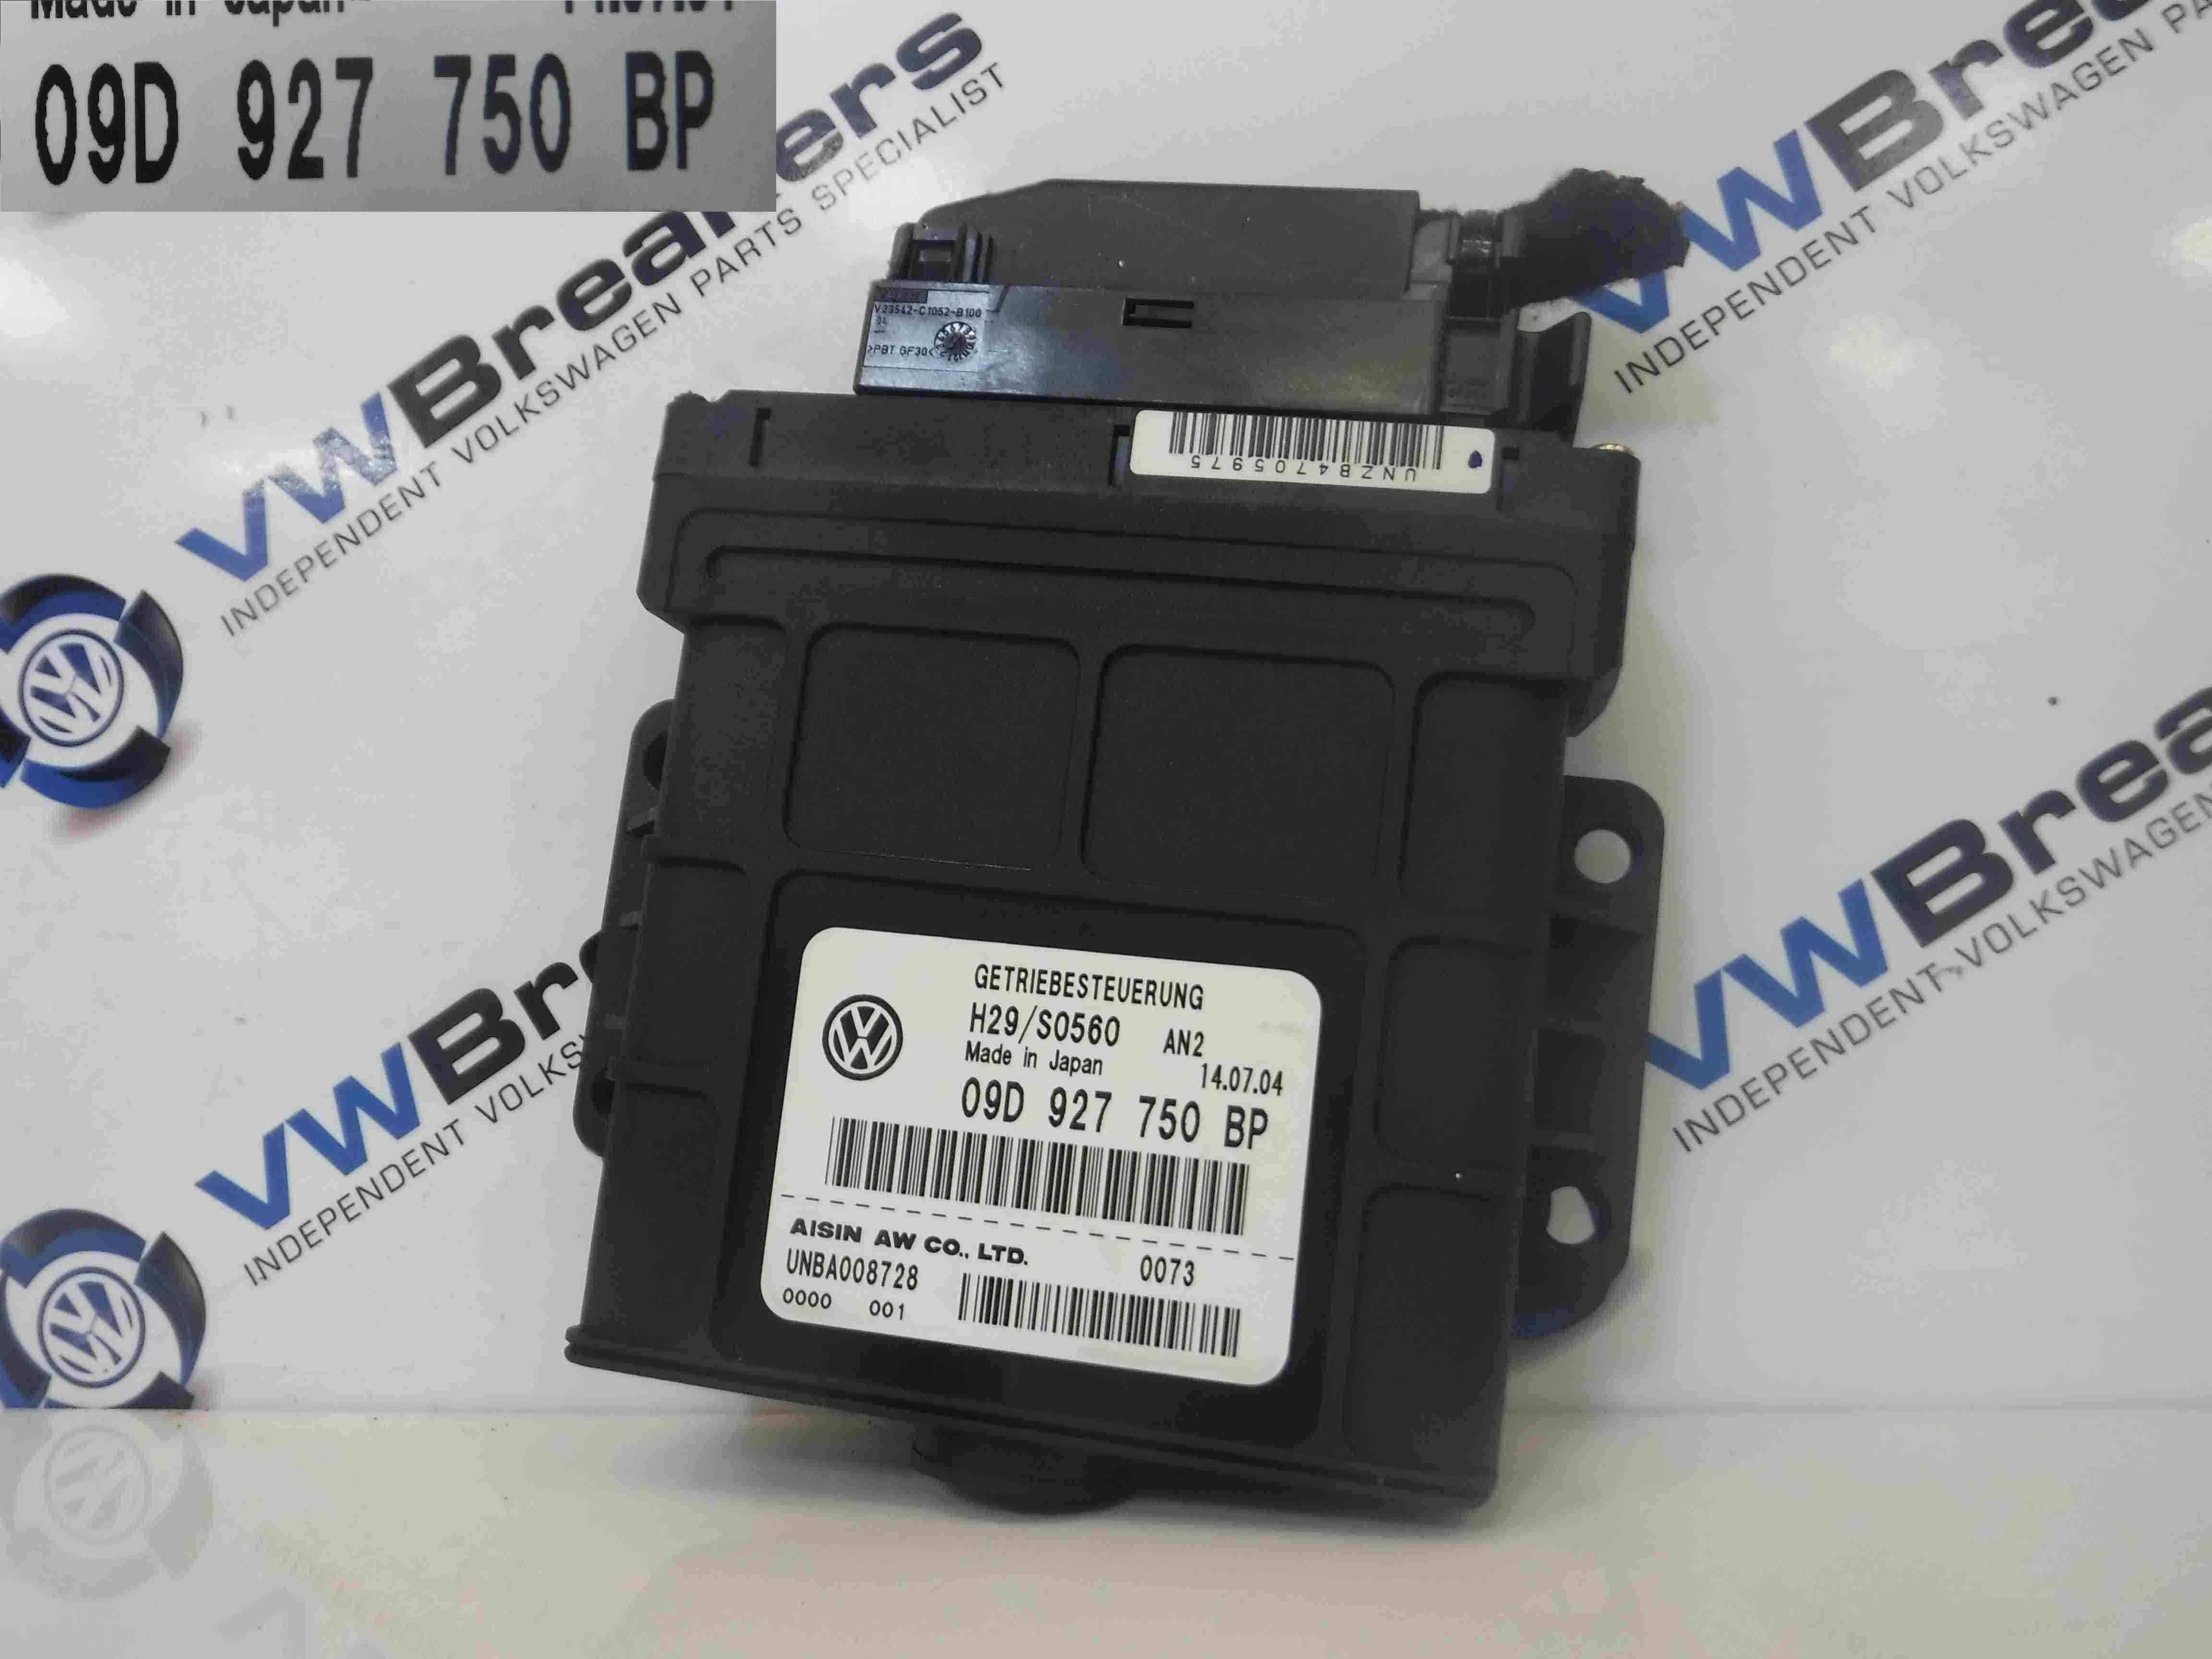 Volkswagen Touareg 2002-2007 Automatic Gearbox ECU Auto 09D927750BP